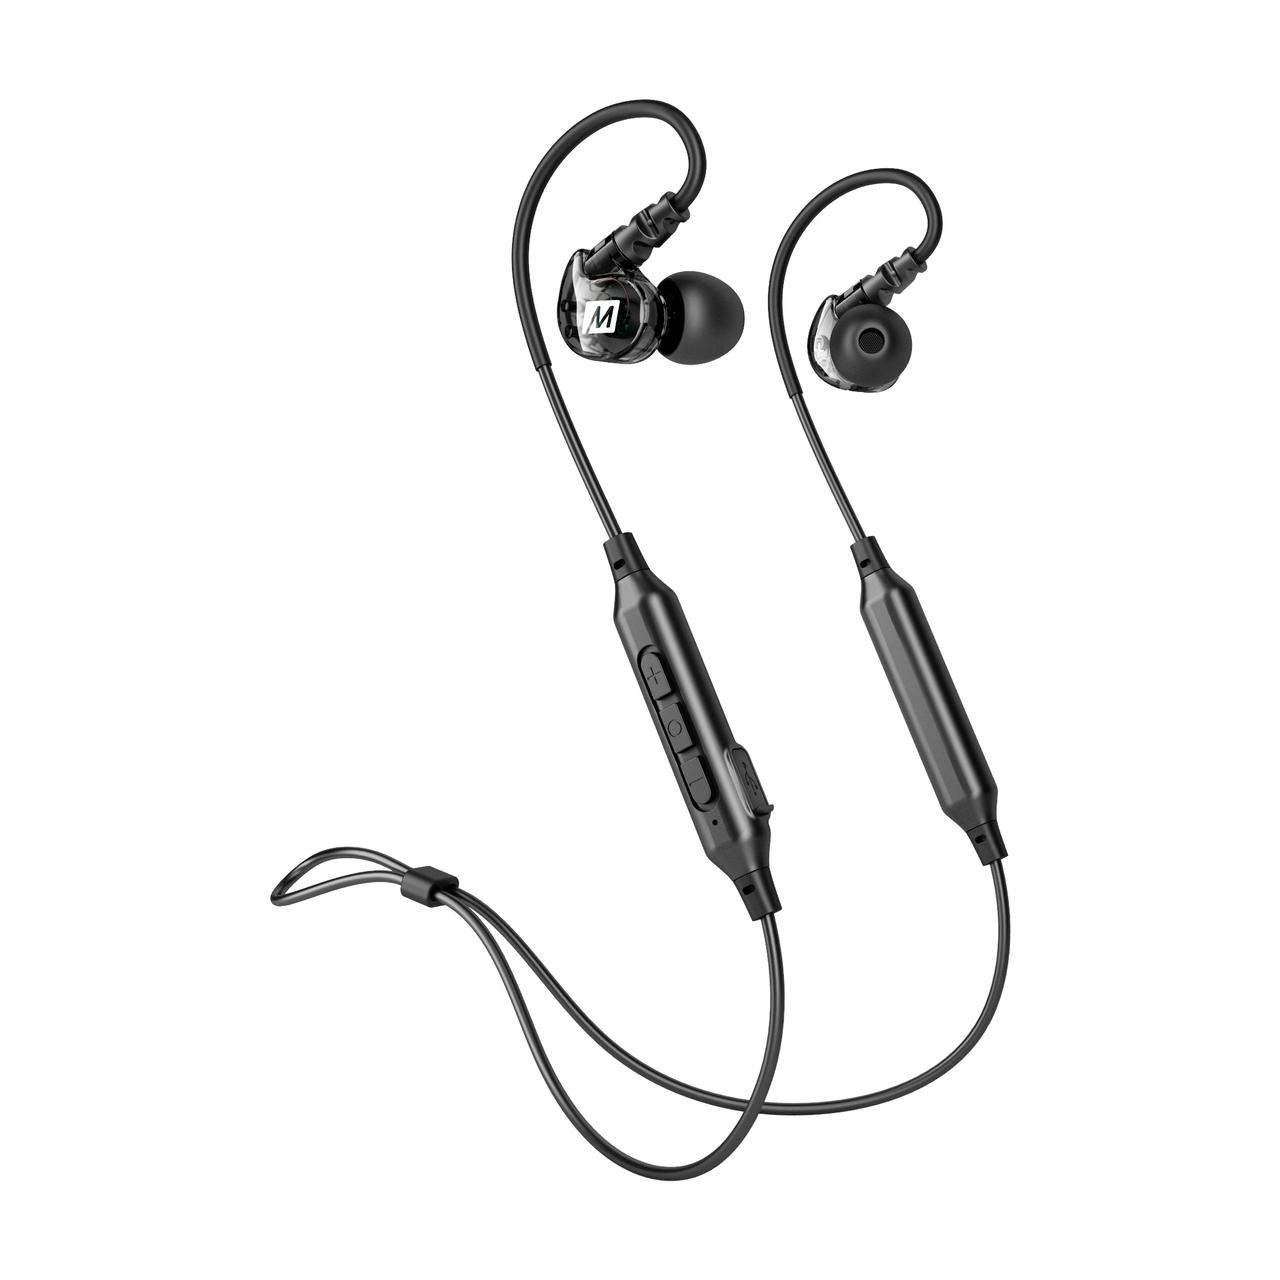 หูฟัง Mee Audio X6